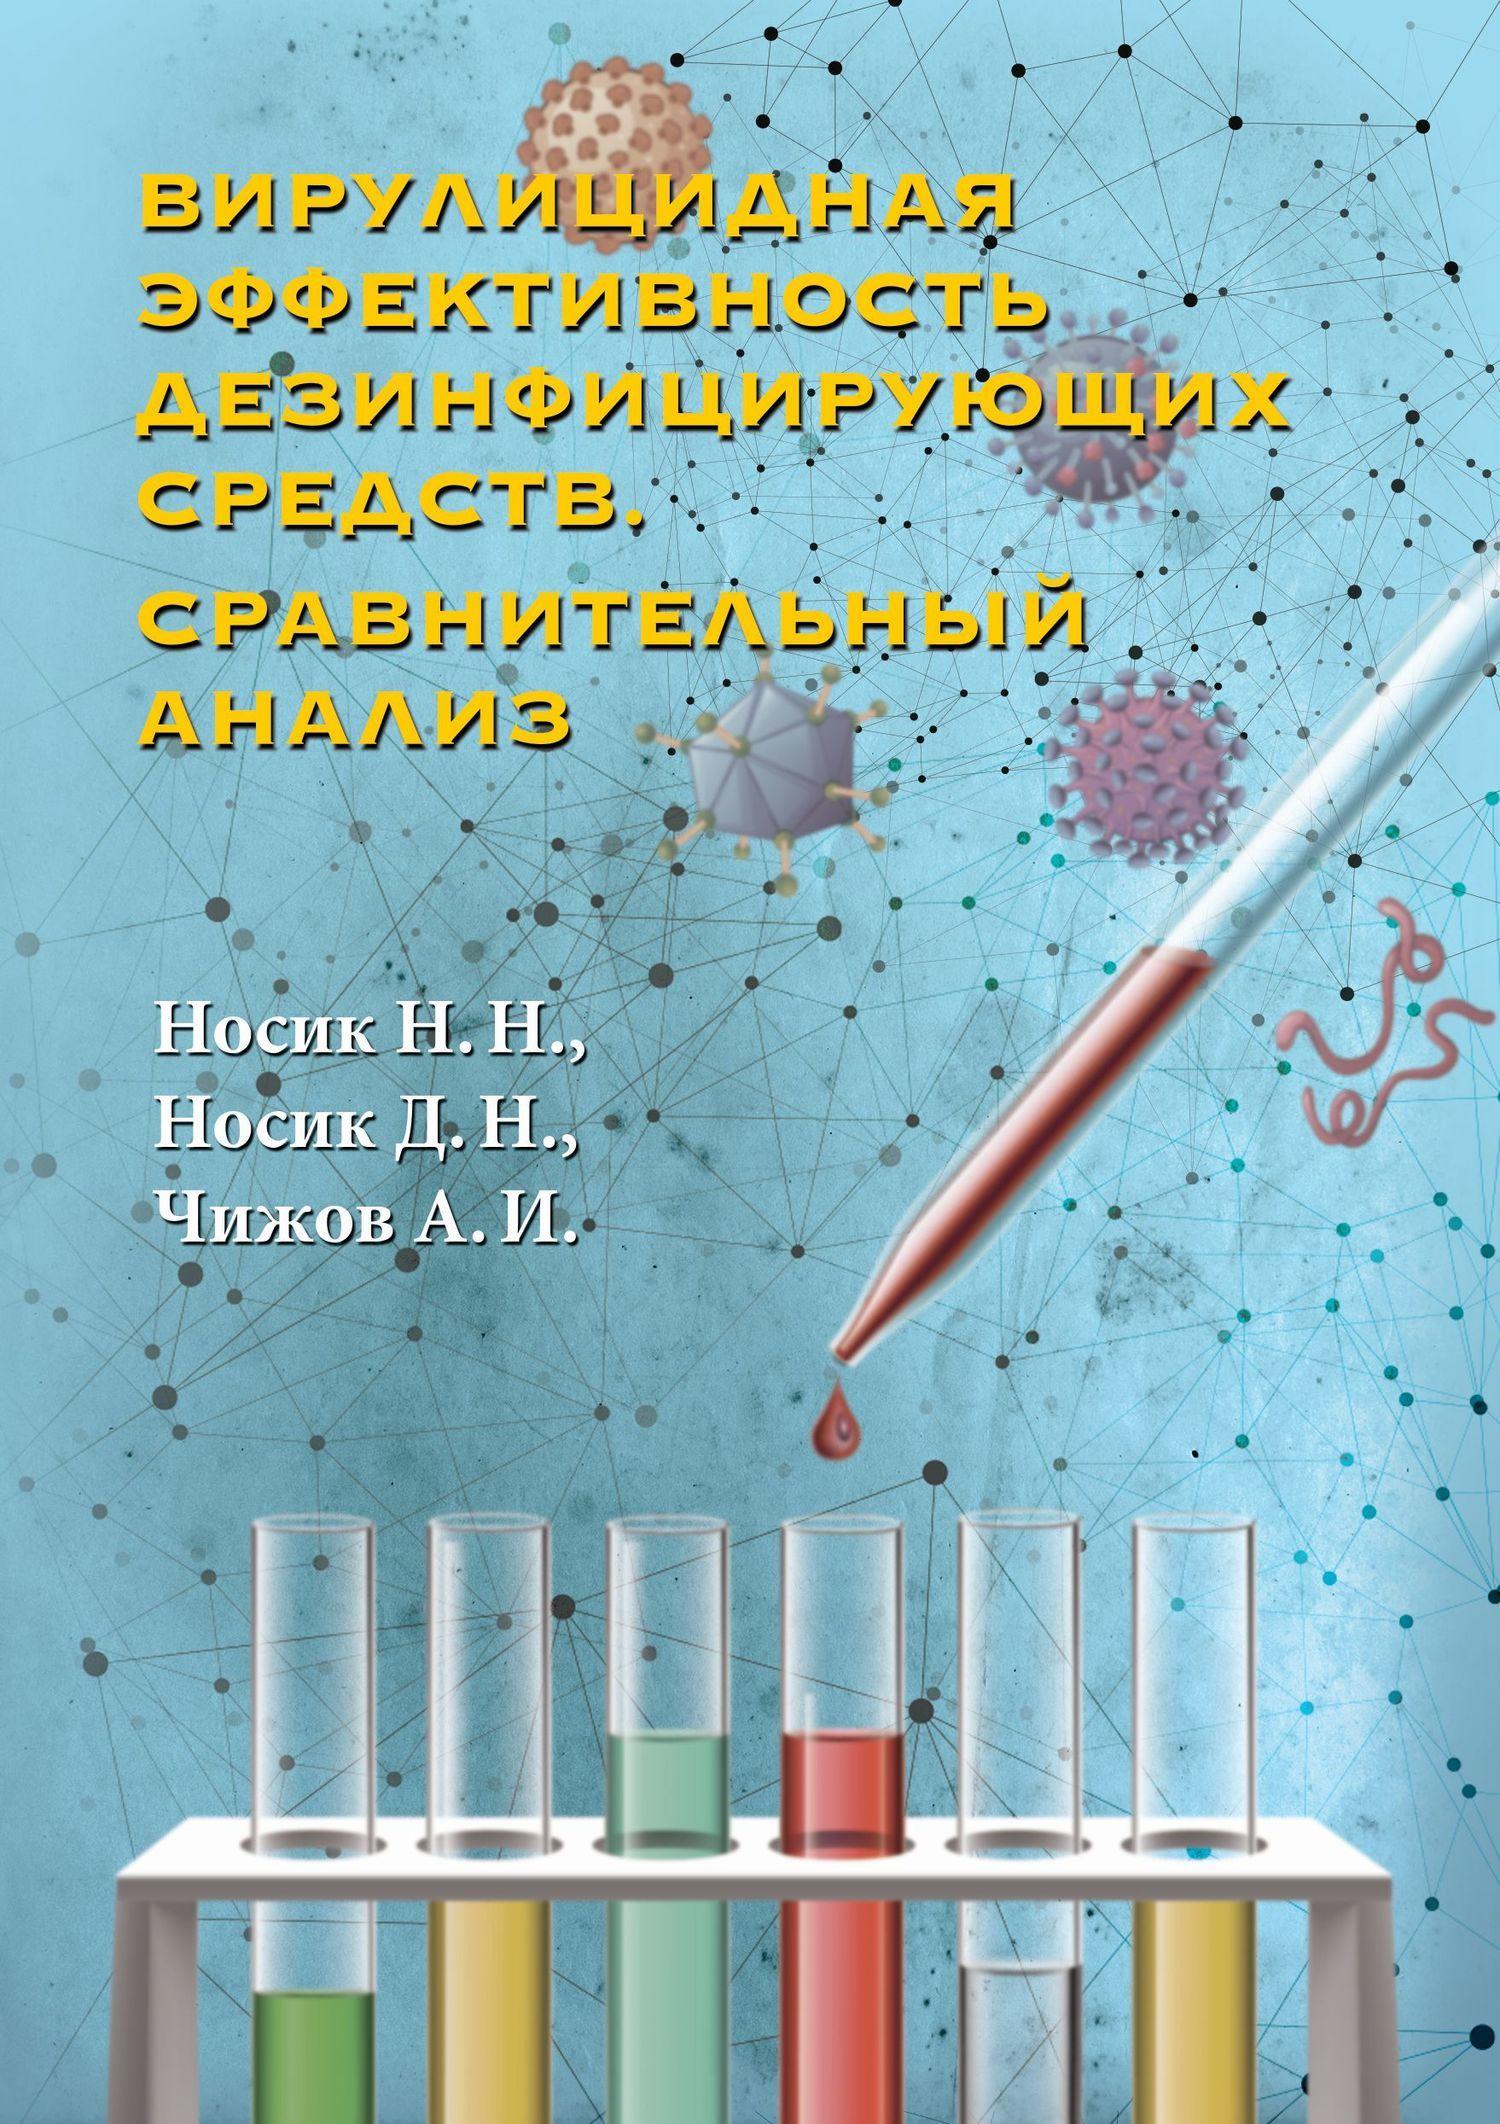 Николай Носик, Дмитрий Носик - Вирулицидная эффективность дезинфицирующих средств. Сравнительный анализ